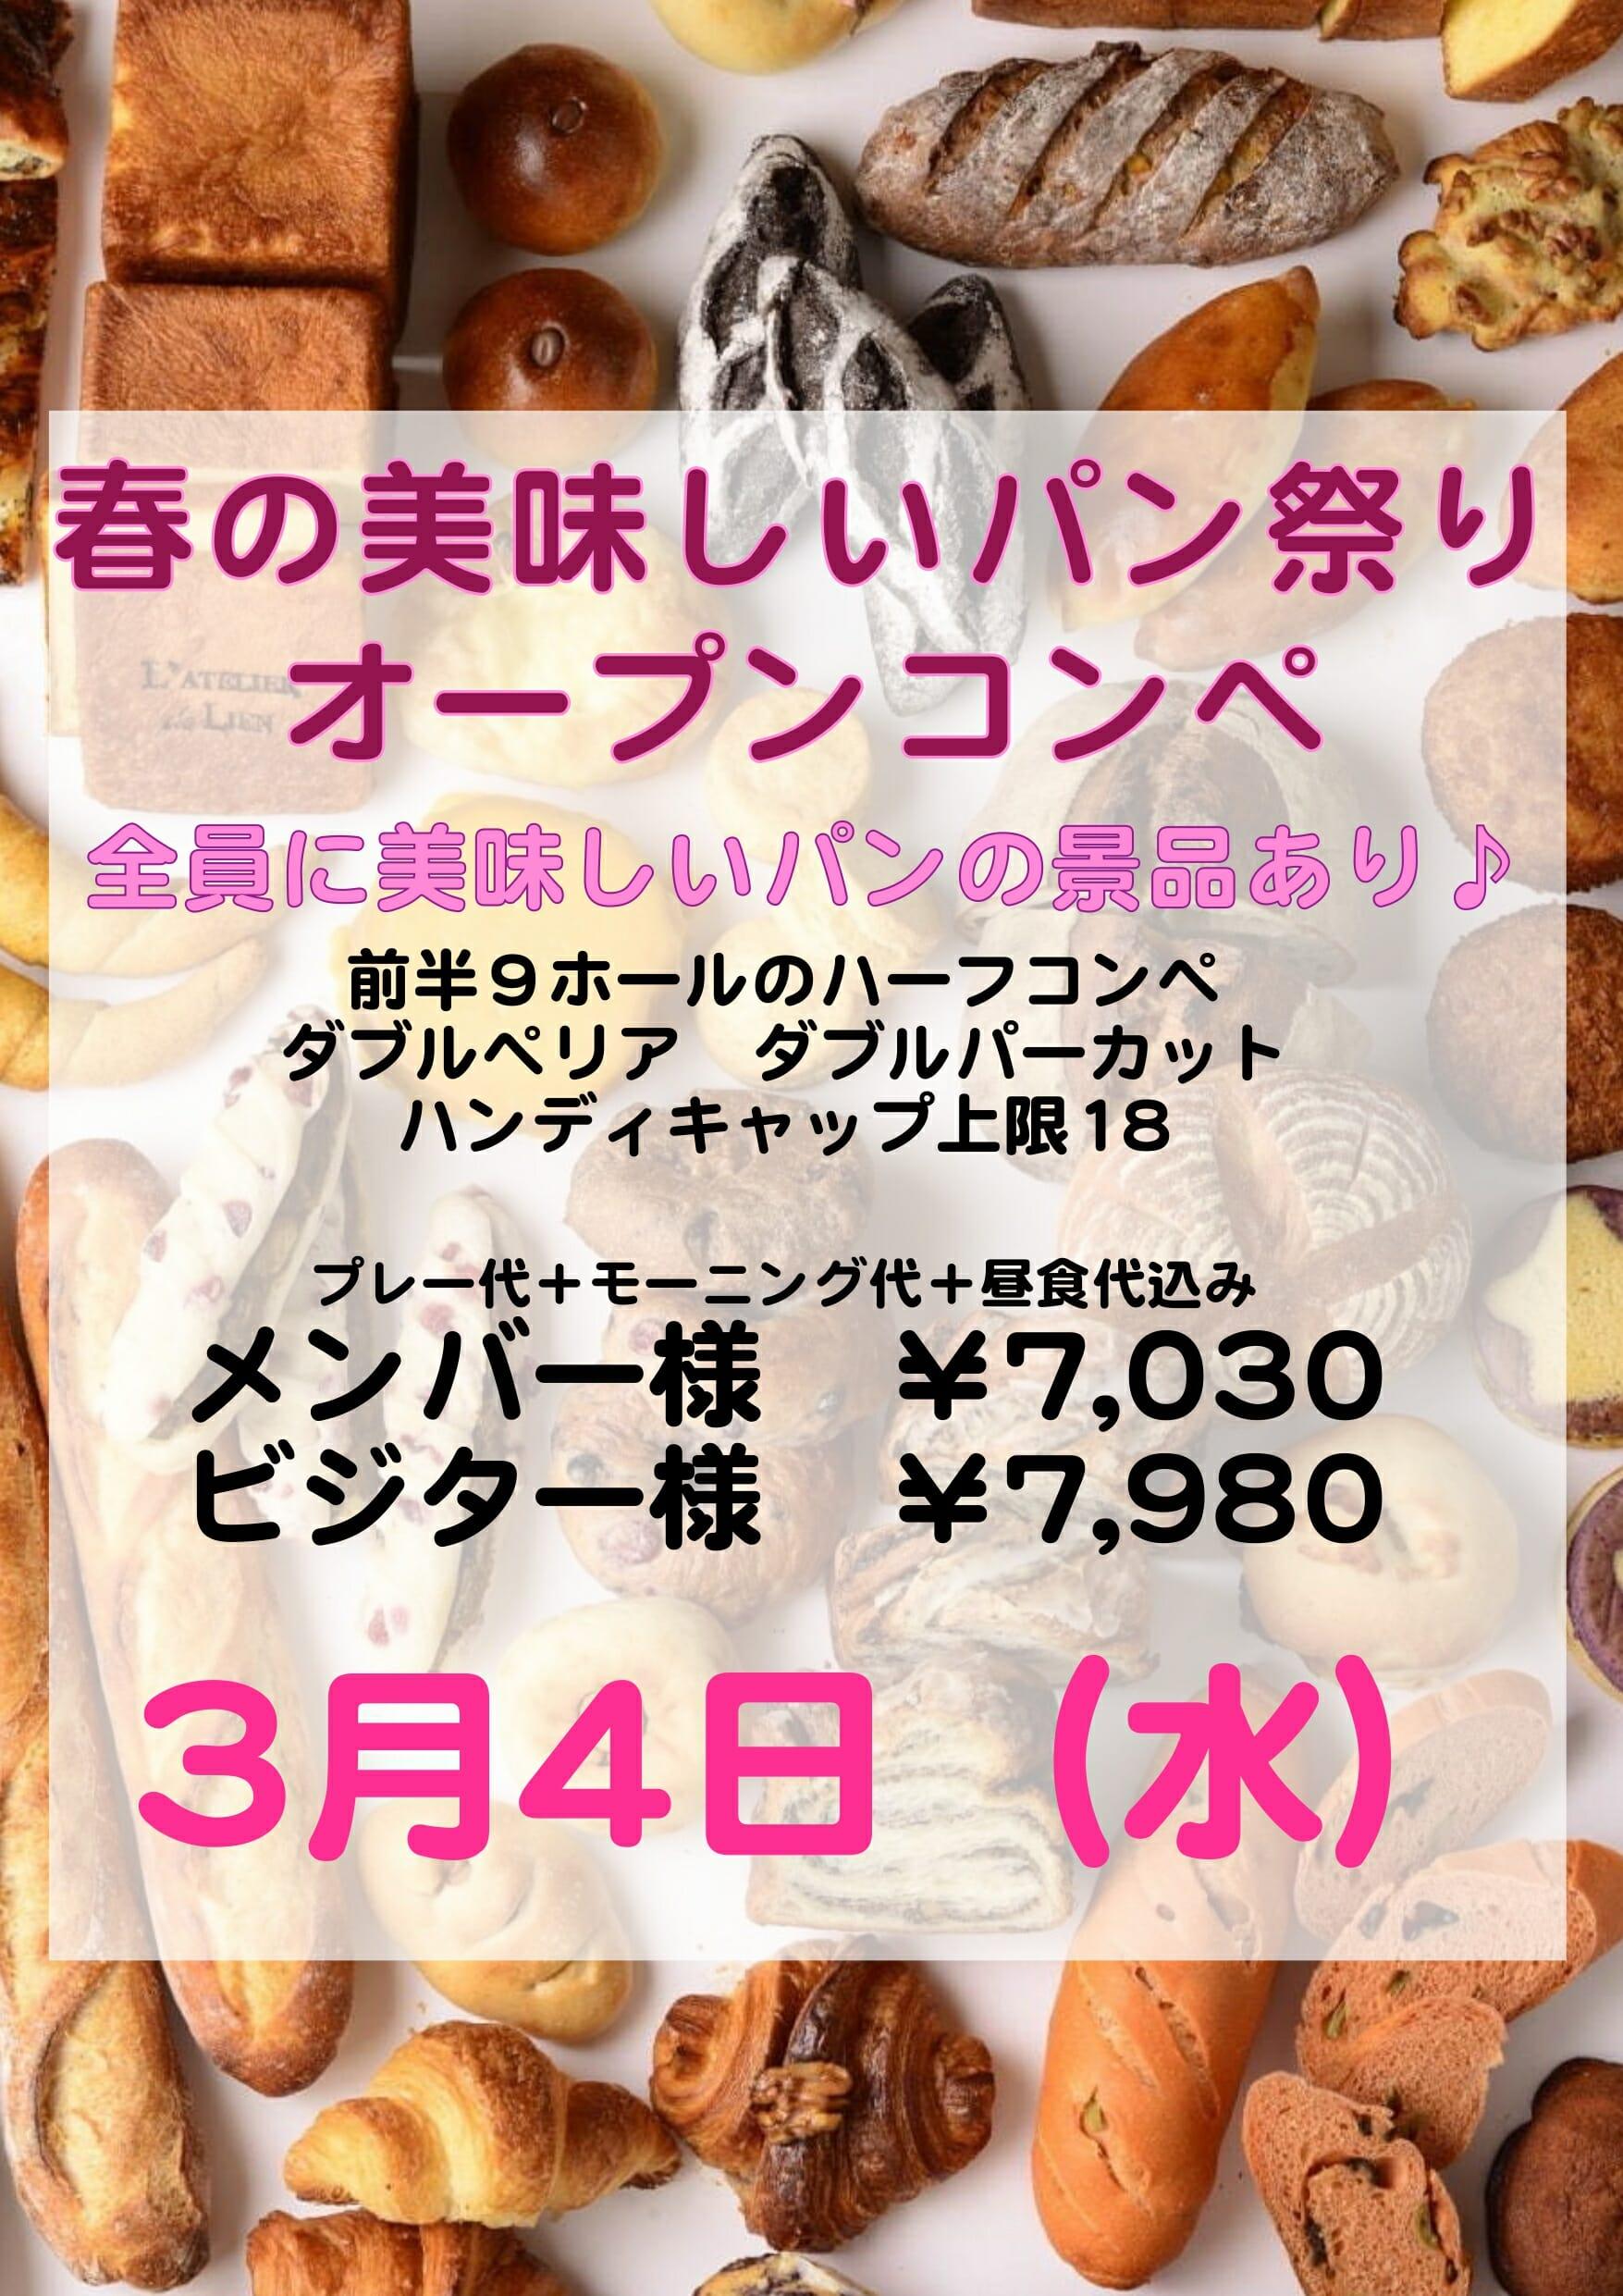 3月4日(水)春の美味しいパン祭り開催!